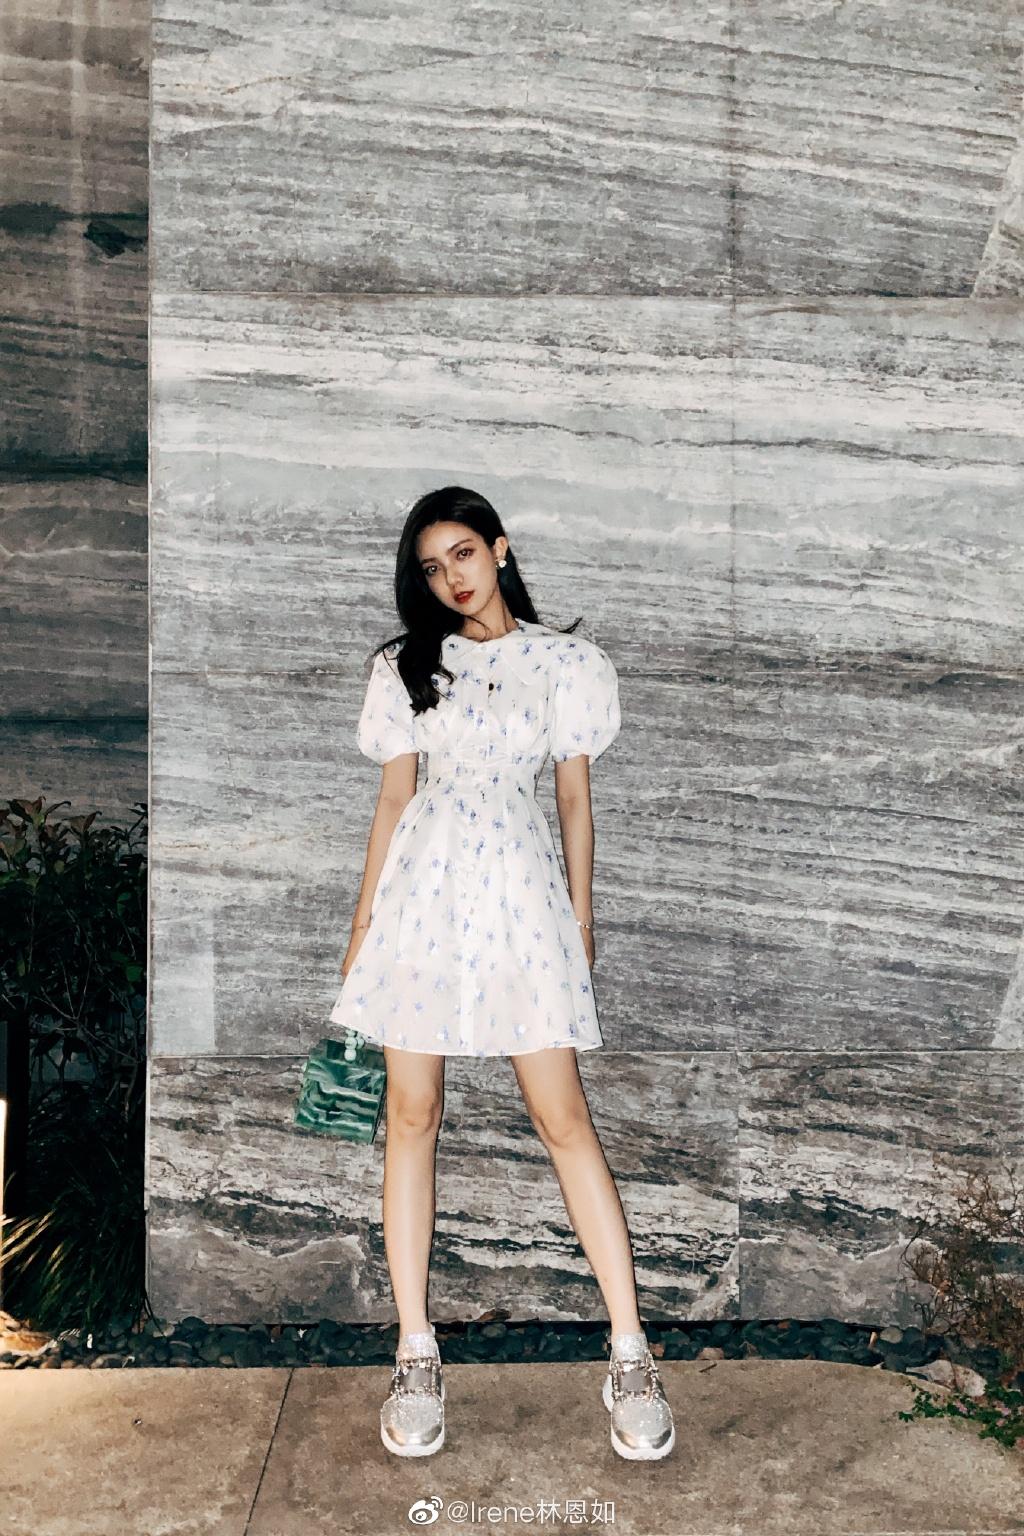 美女网红模特林恩如最新自拍照